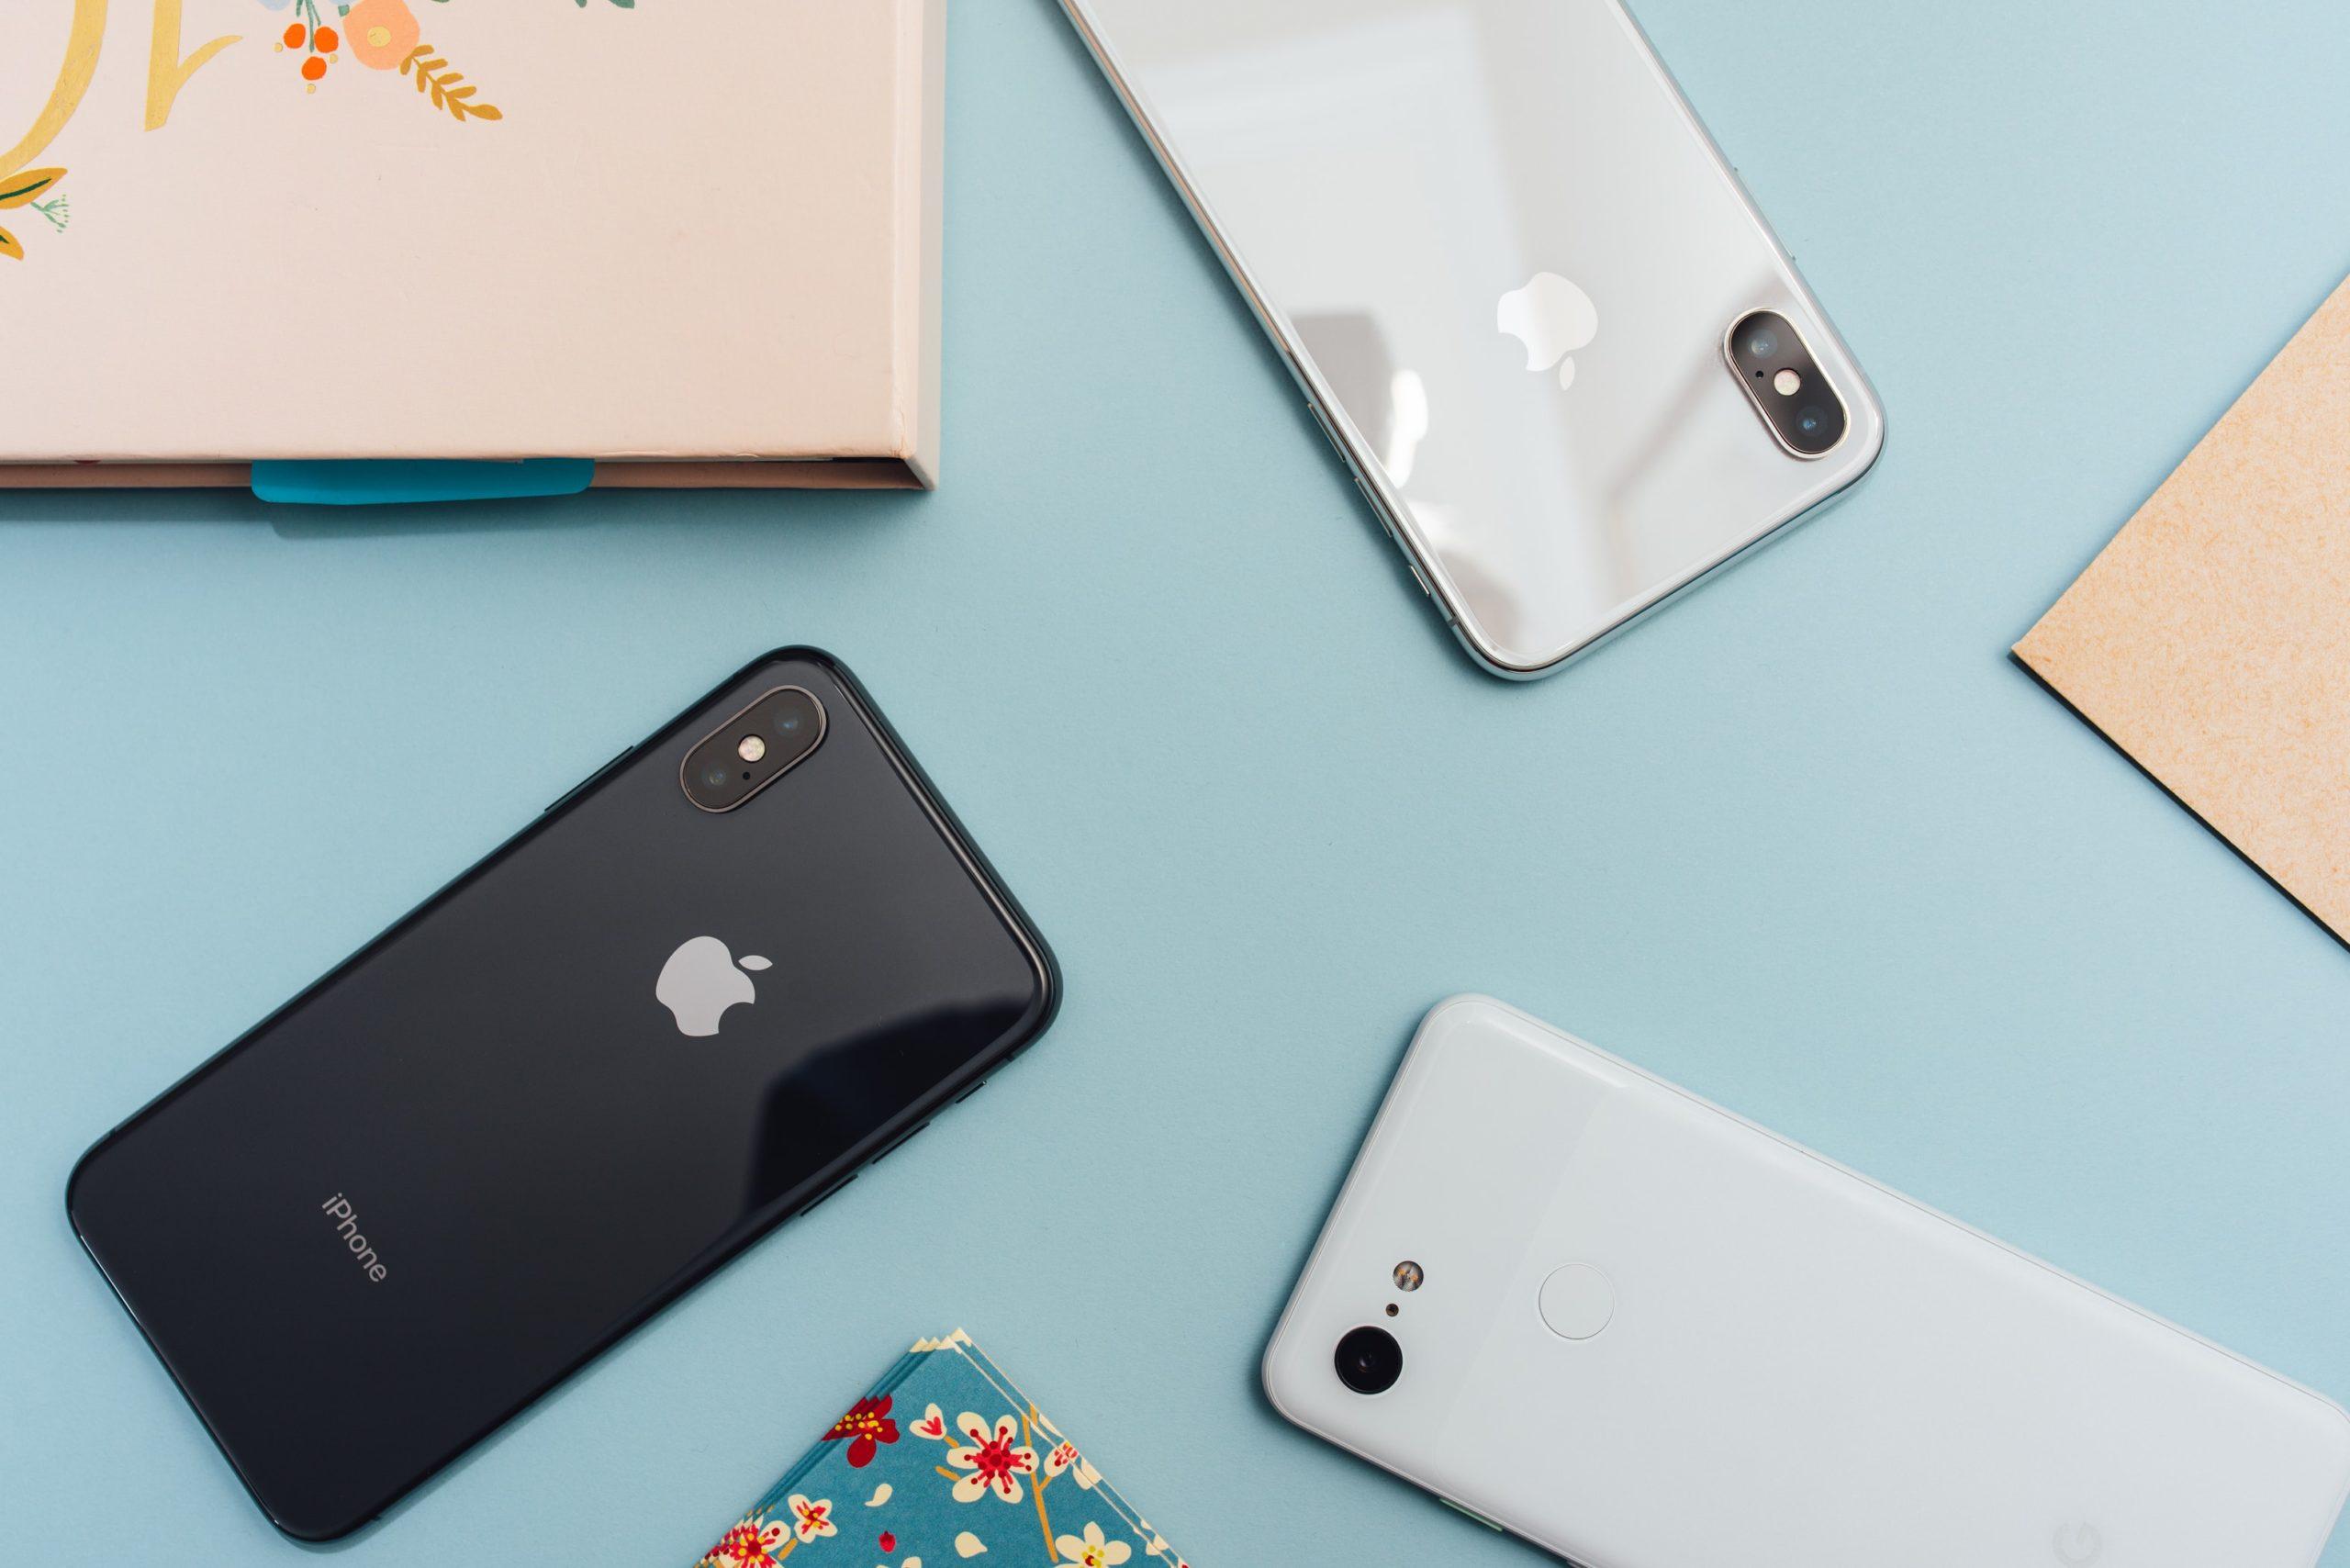 В среднем смартфоны передают личные данные пользователя каждые 4,5